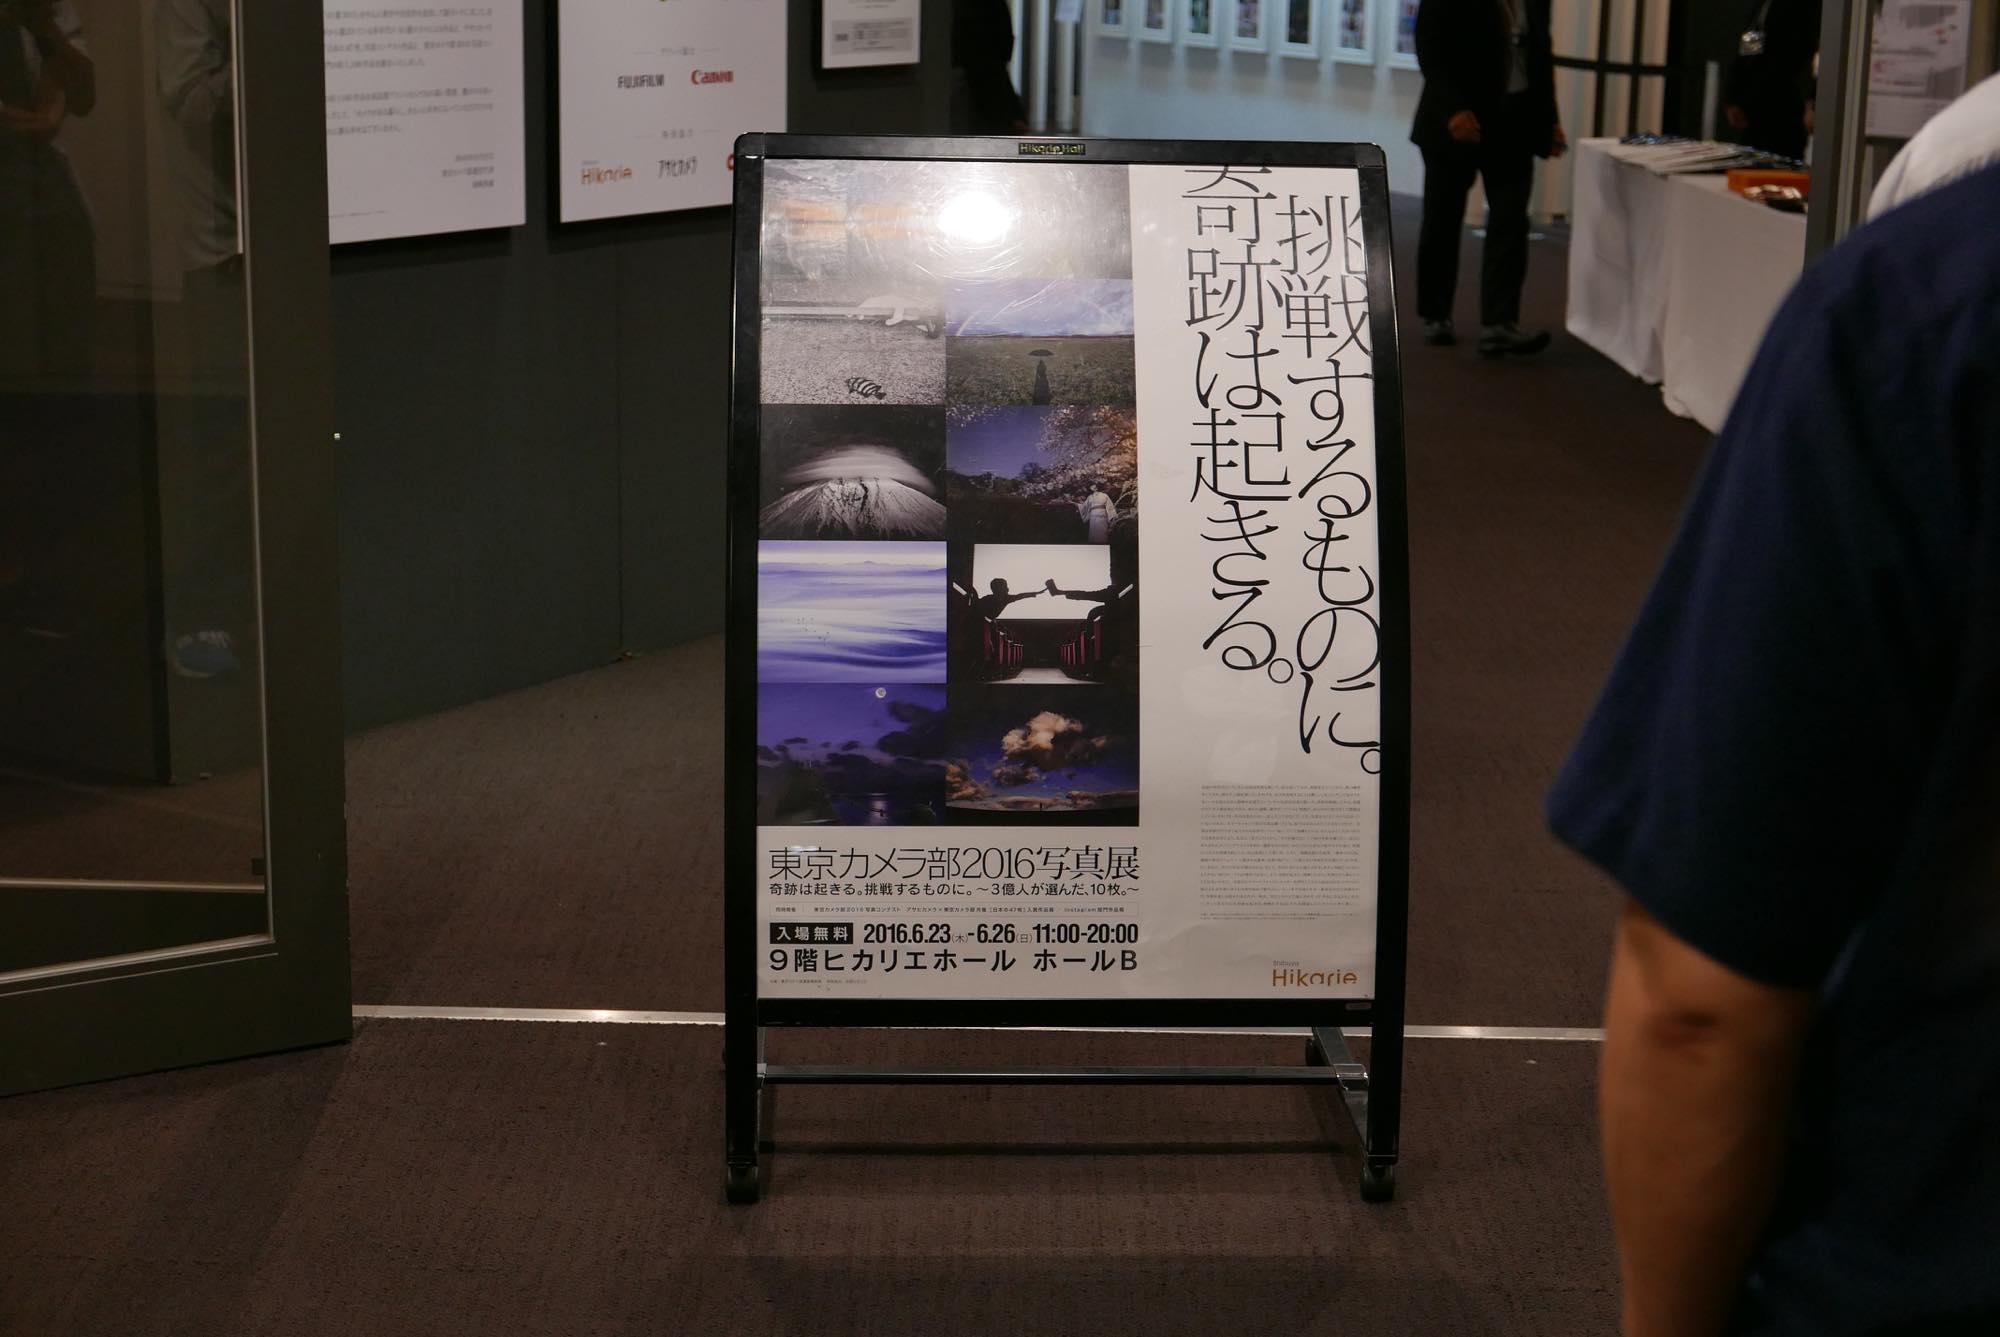 東京カメラ部2016写真展に行ってきました。昨年よりもさらにパワーアップ!!